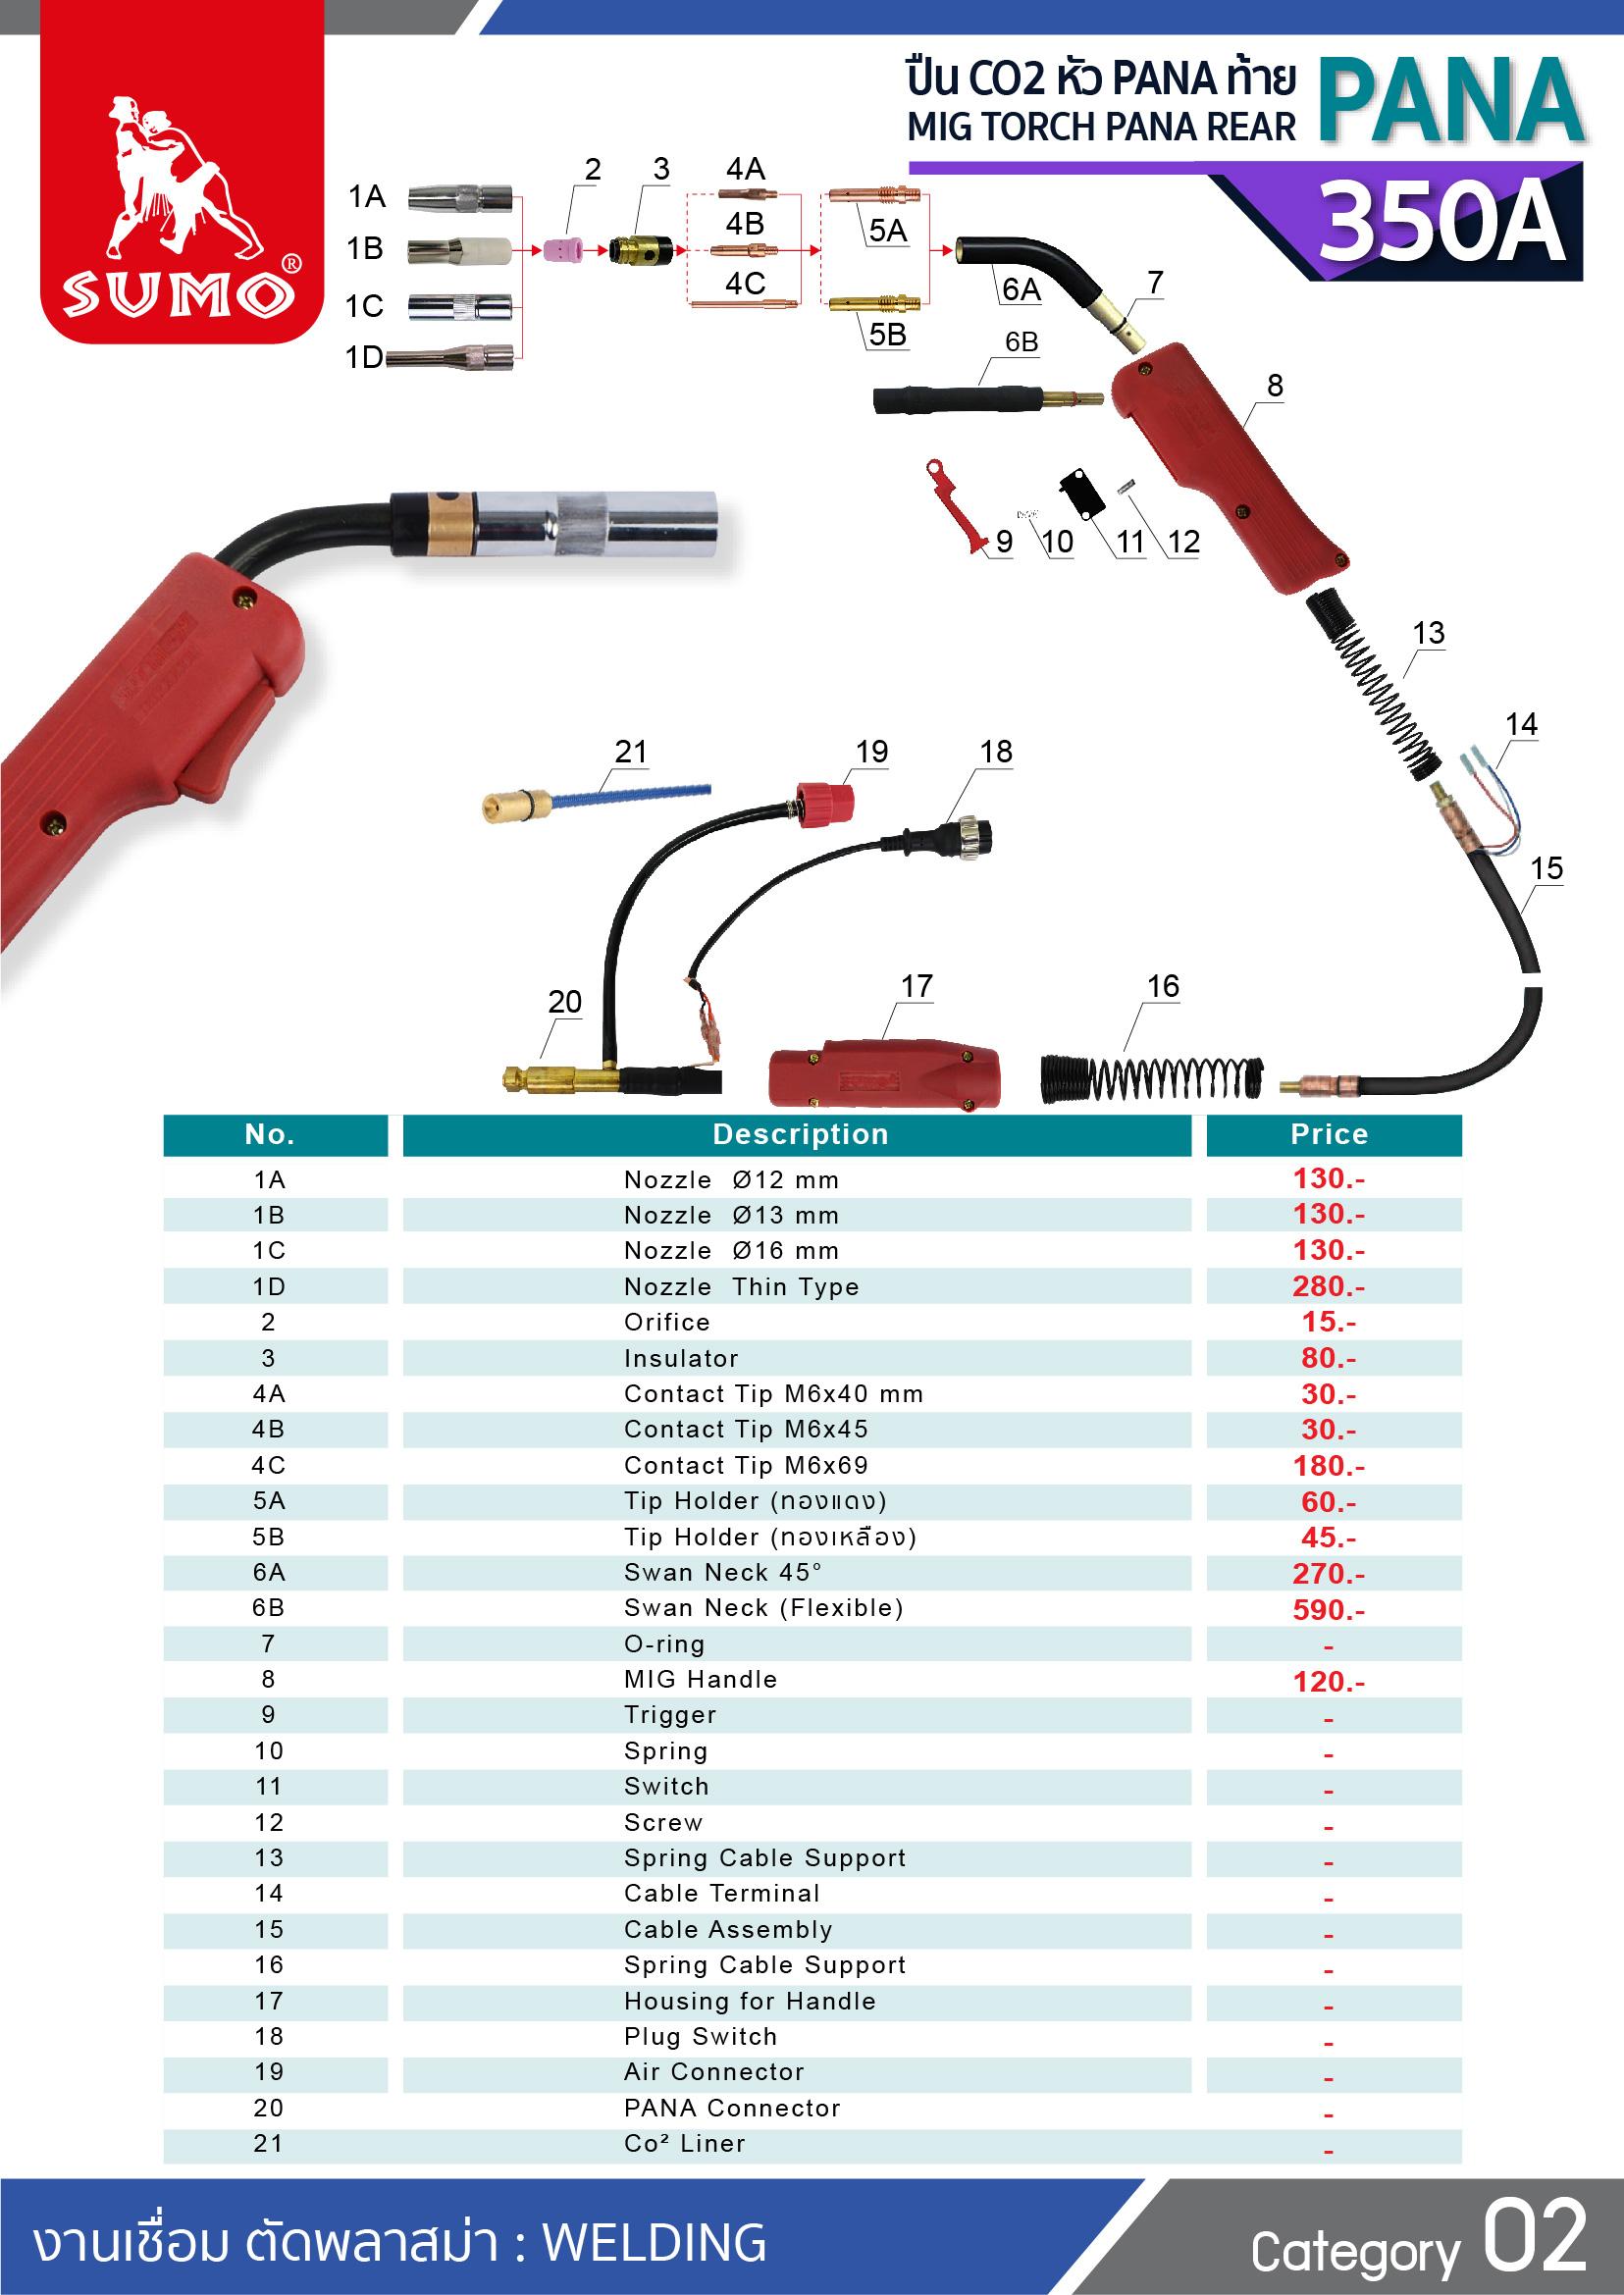 (16/34) ปืน CO2 PANA 350A PANA Tail